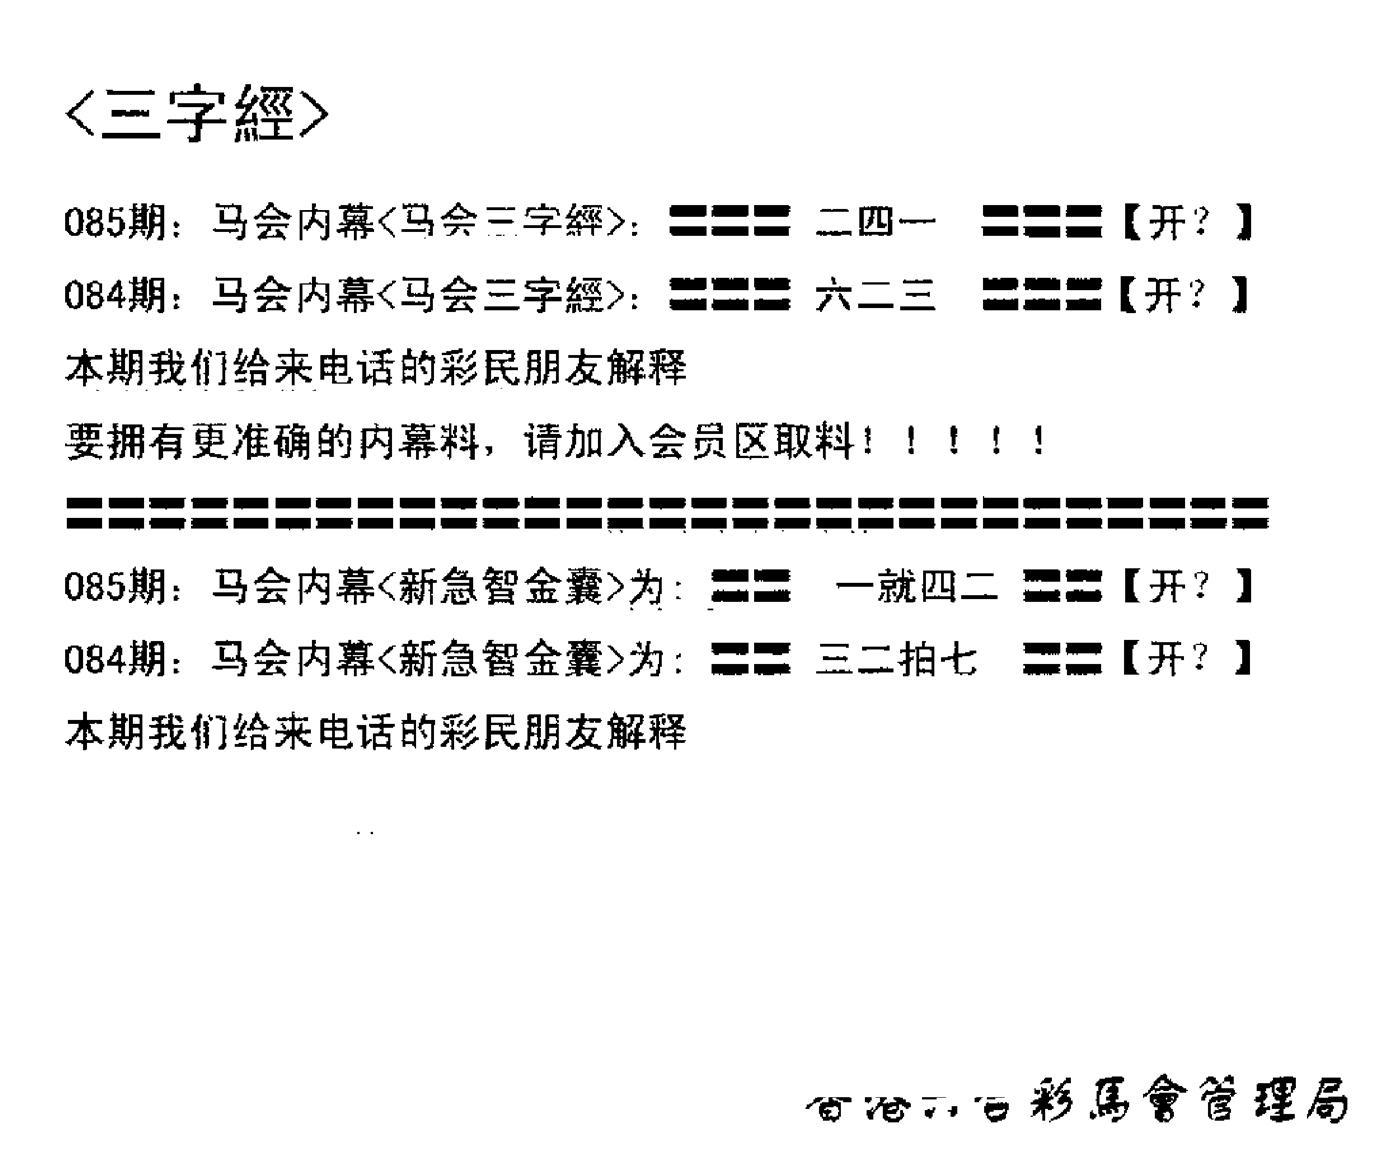 085期电脑版(早版)(黑白)